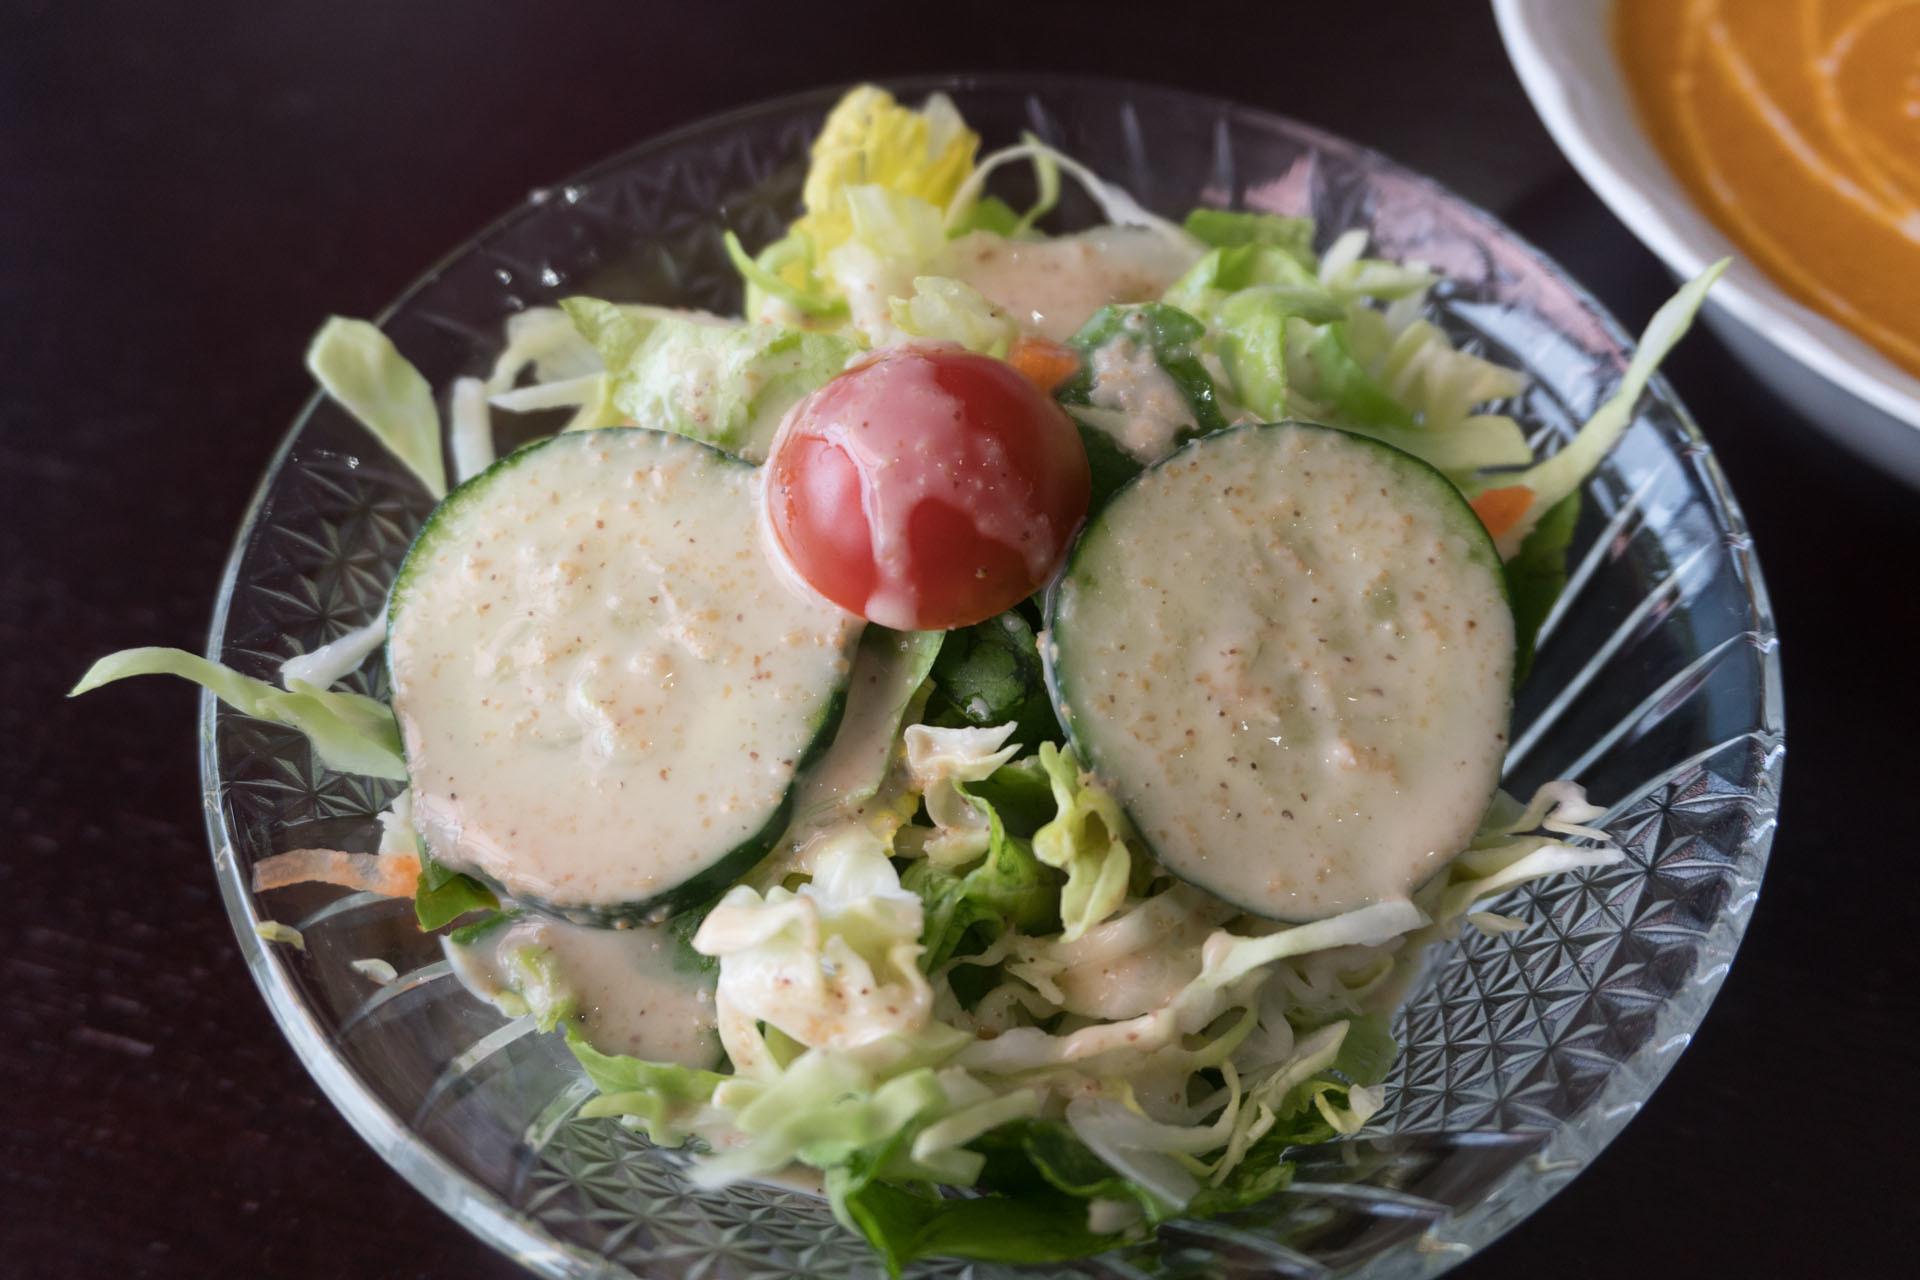 ホンモノ スパイス カレー リッラ レストラン